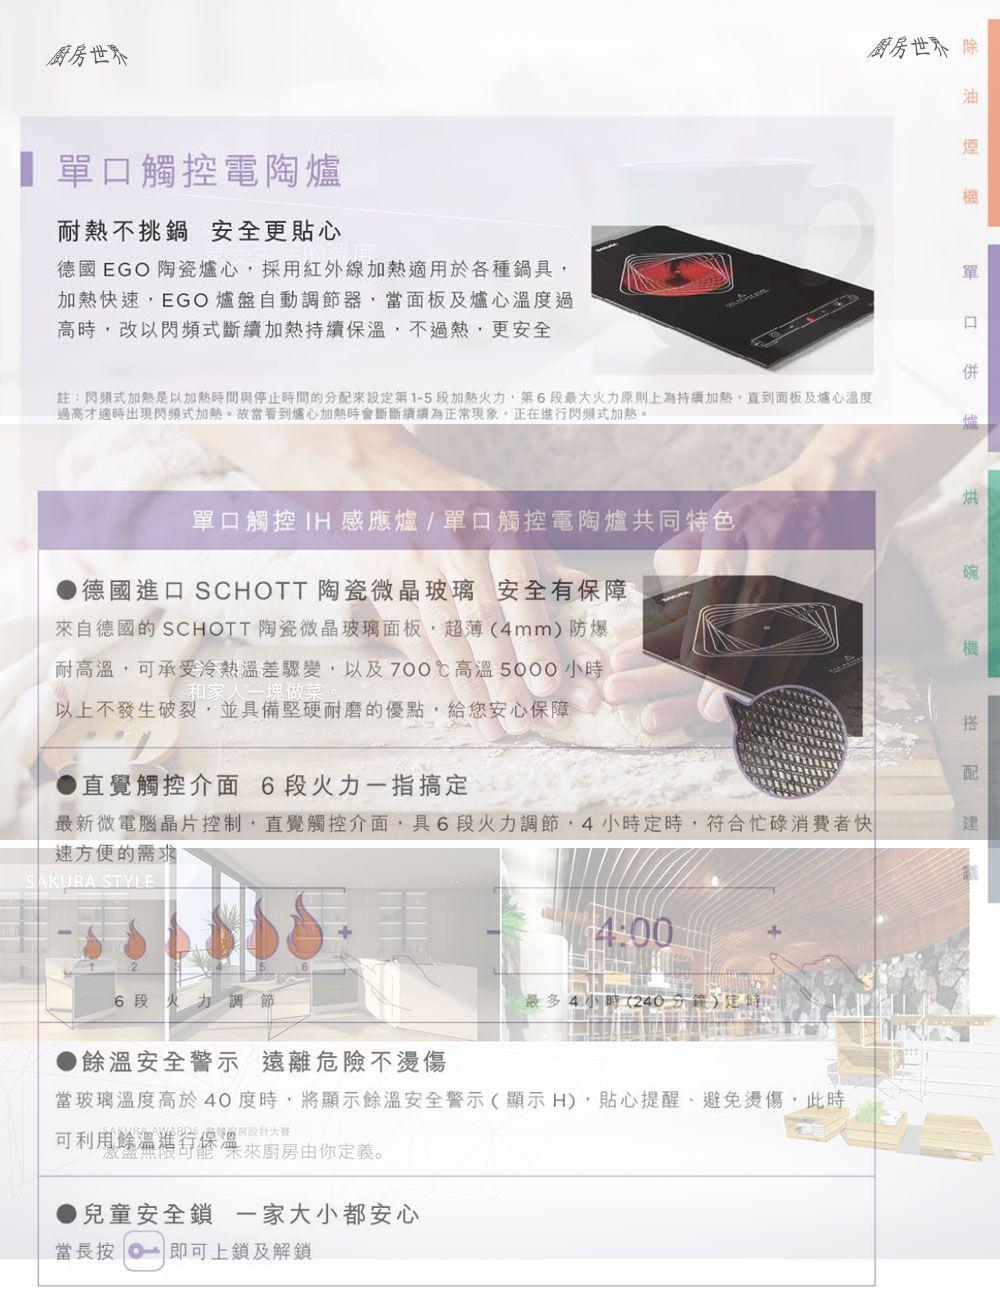 PK/goods/HOB/EG2230GB-DM-2.jpg